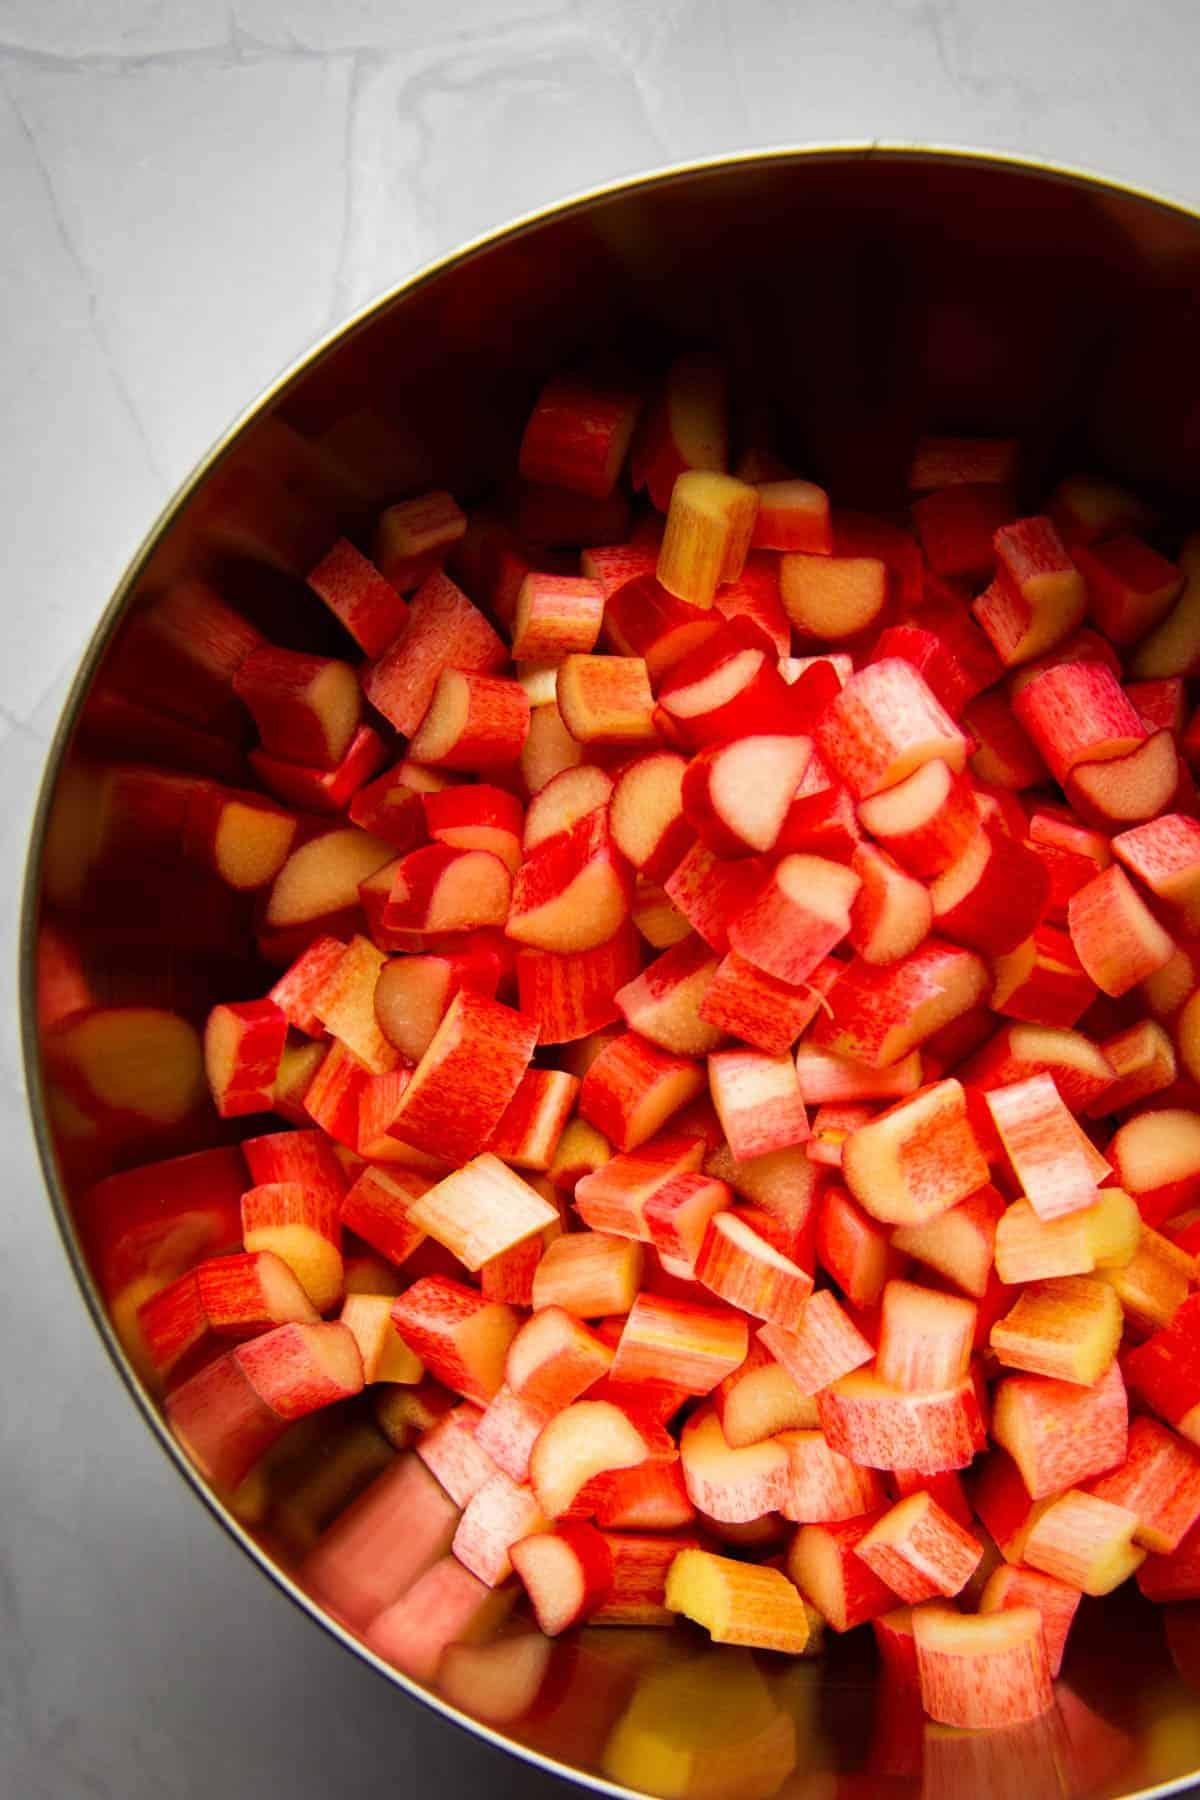 cut-rhubarb-in-a-bowl